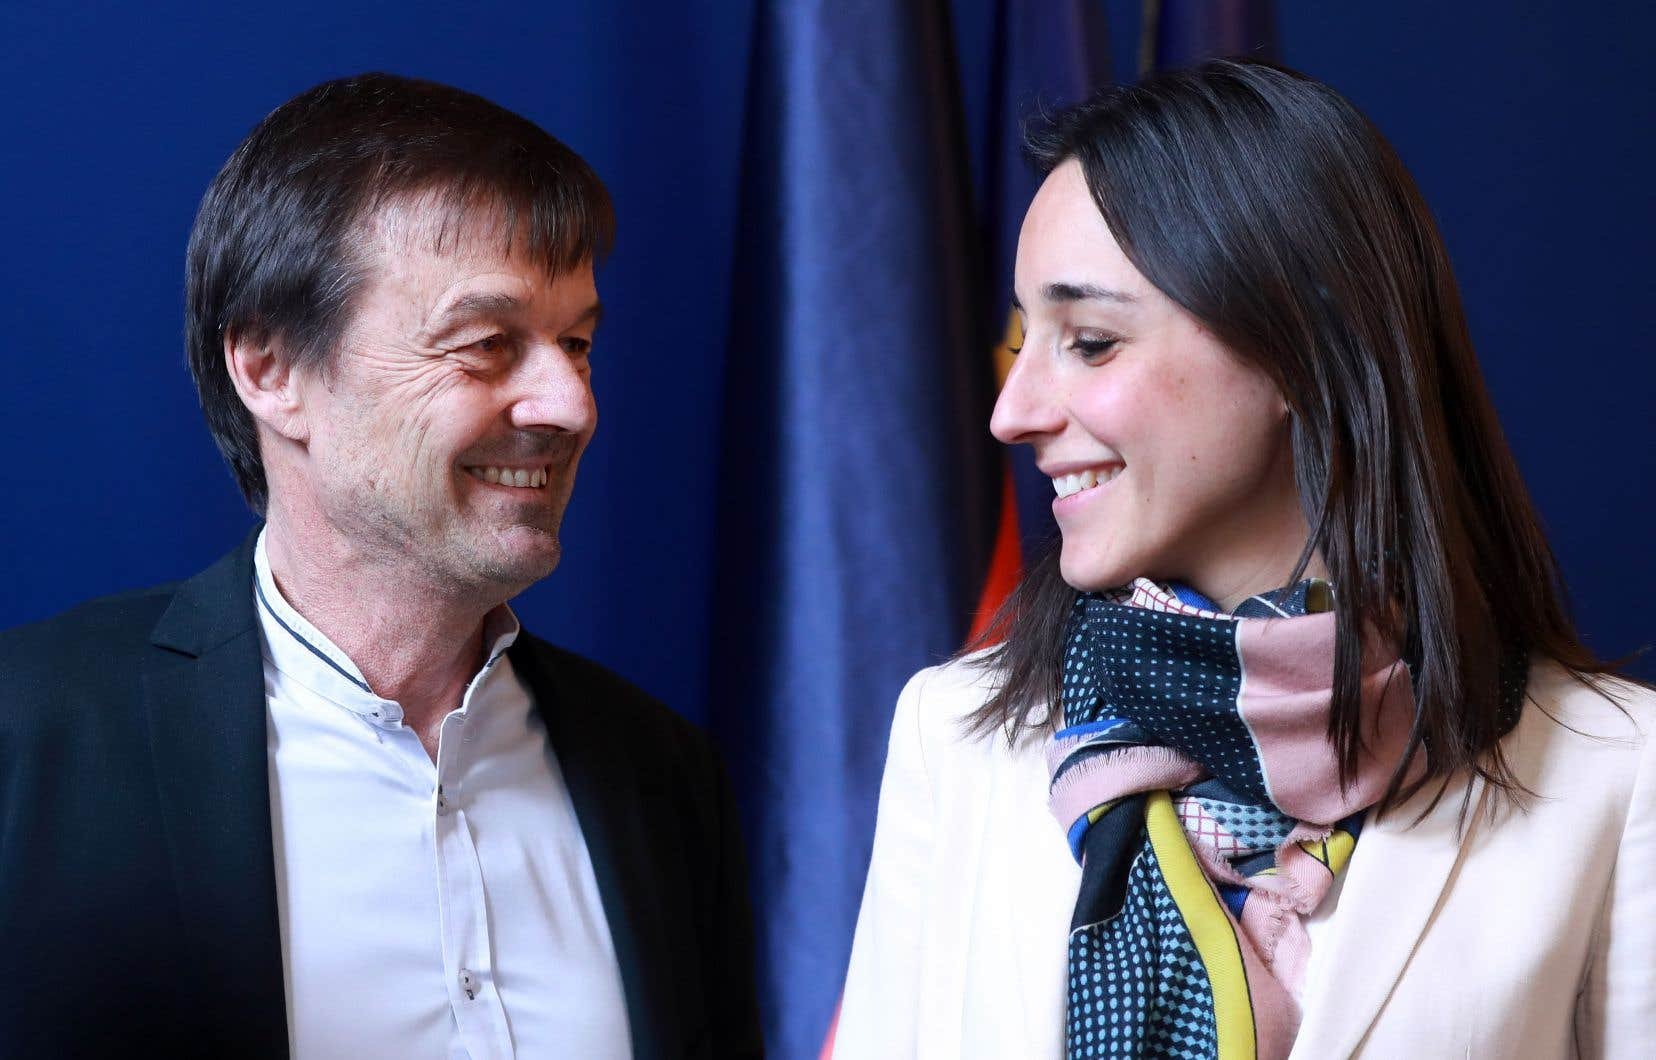 La secrétaire d'État Brune Poirson était déjà en poste auprès du ministre de la Transition écologique et solidaire Nicolas Hulot. Ce dernier a démissionné subitement en août en dénonçant l'inaction en matière de lutte contre les changements climatiques.